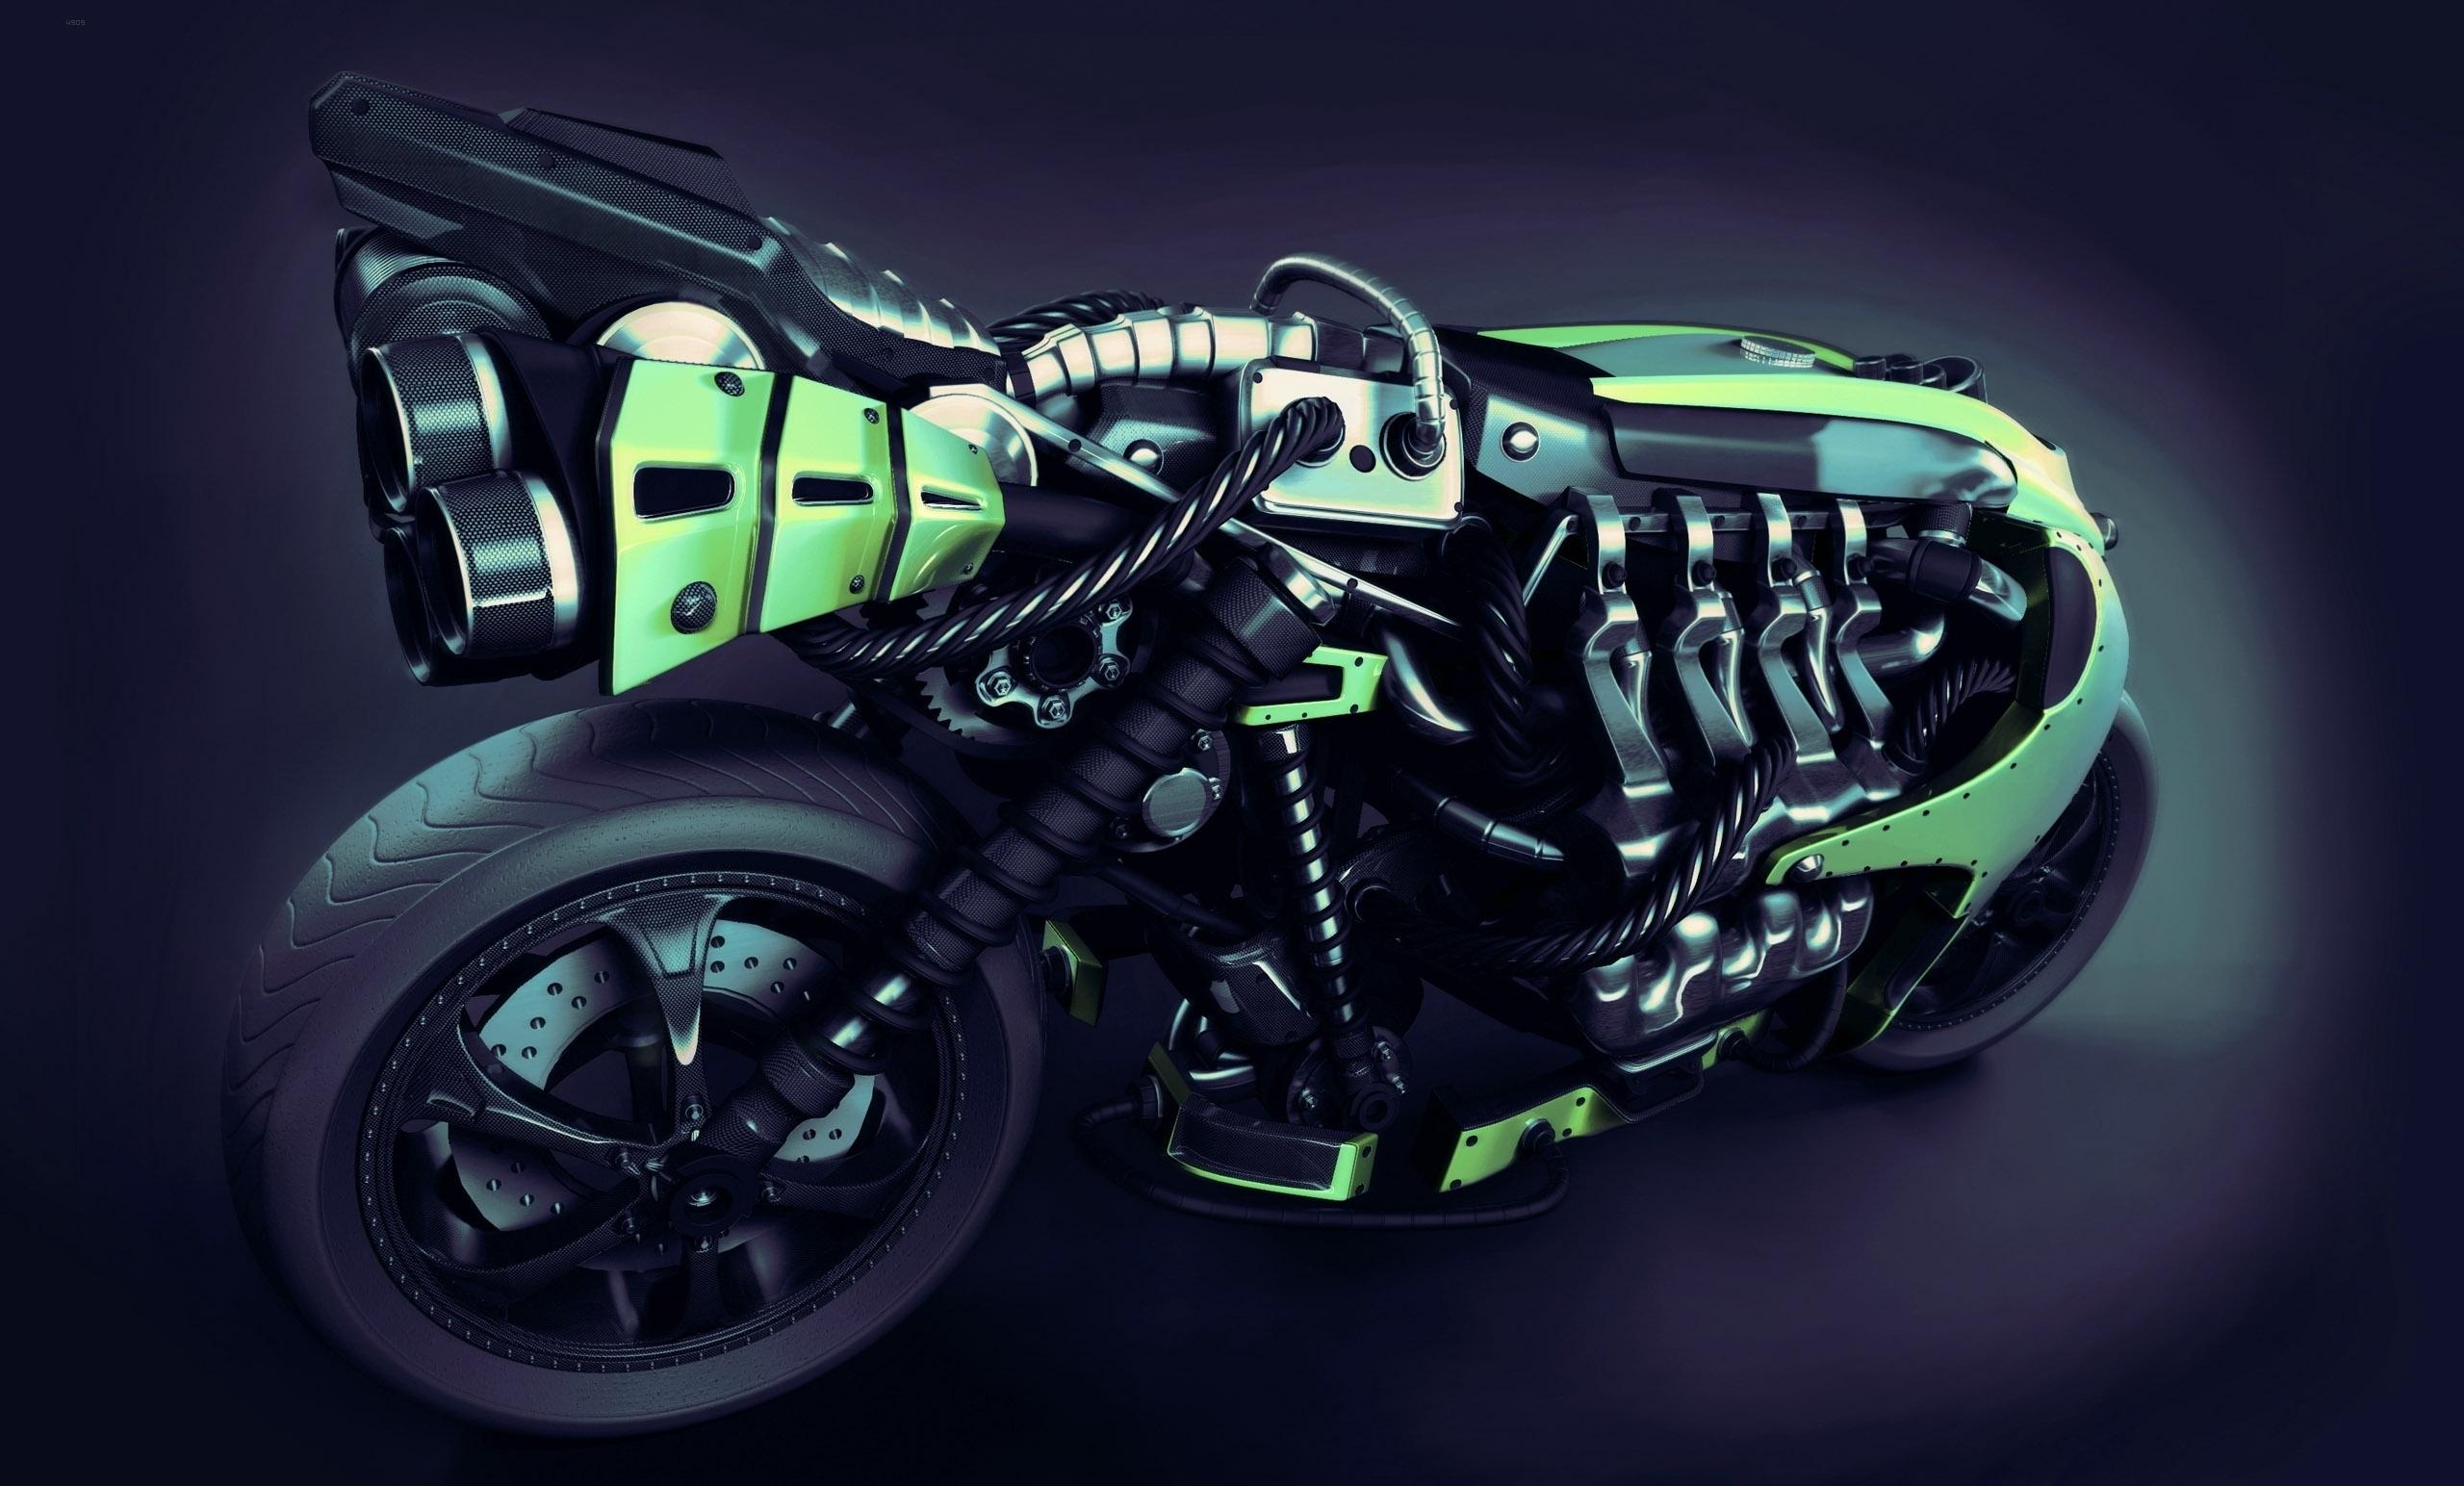 3D Cars HD Wallpapers - WallpaperSafari